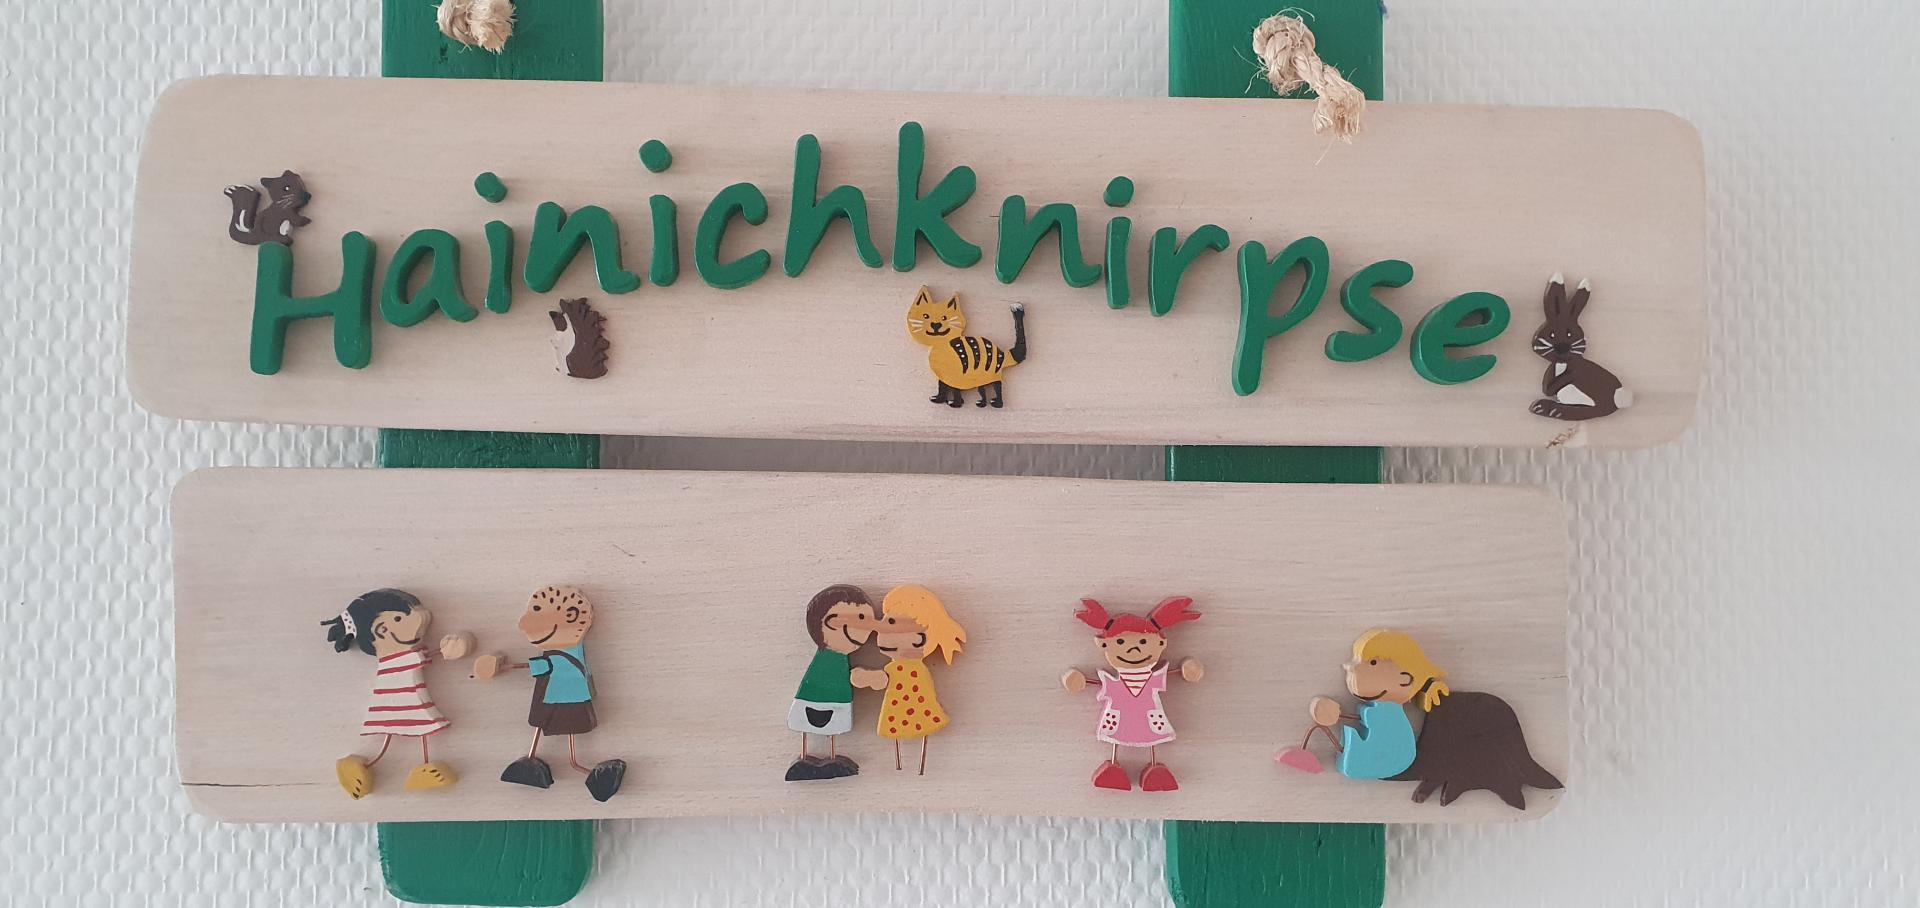 Kindertagesstätte Hainichknirpse